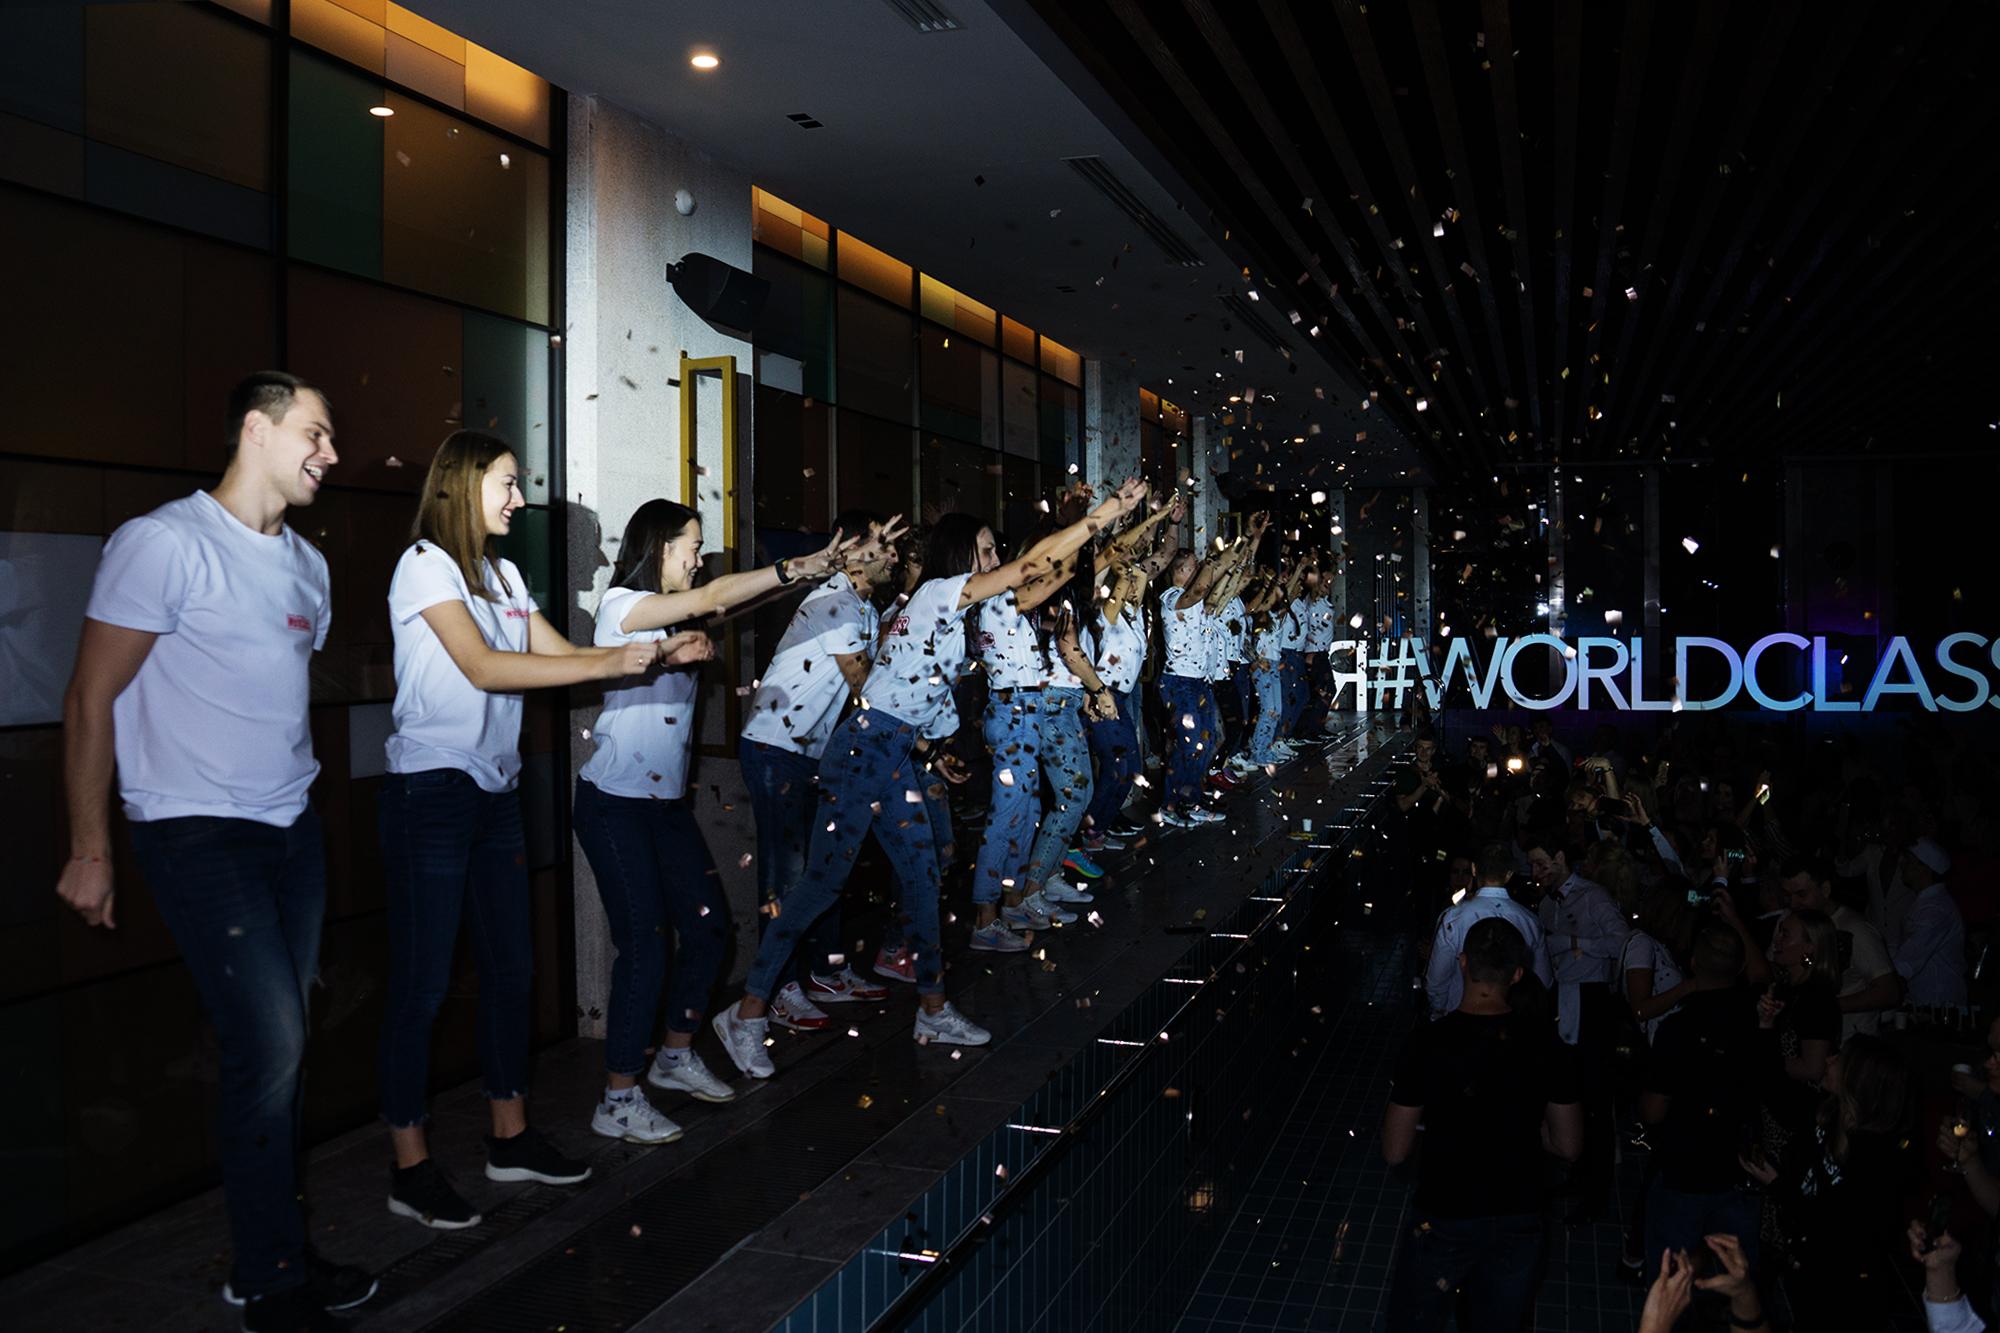 День Рождения WorldClass Новосибирск при поддержке HONKA